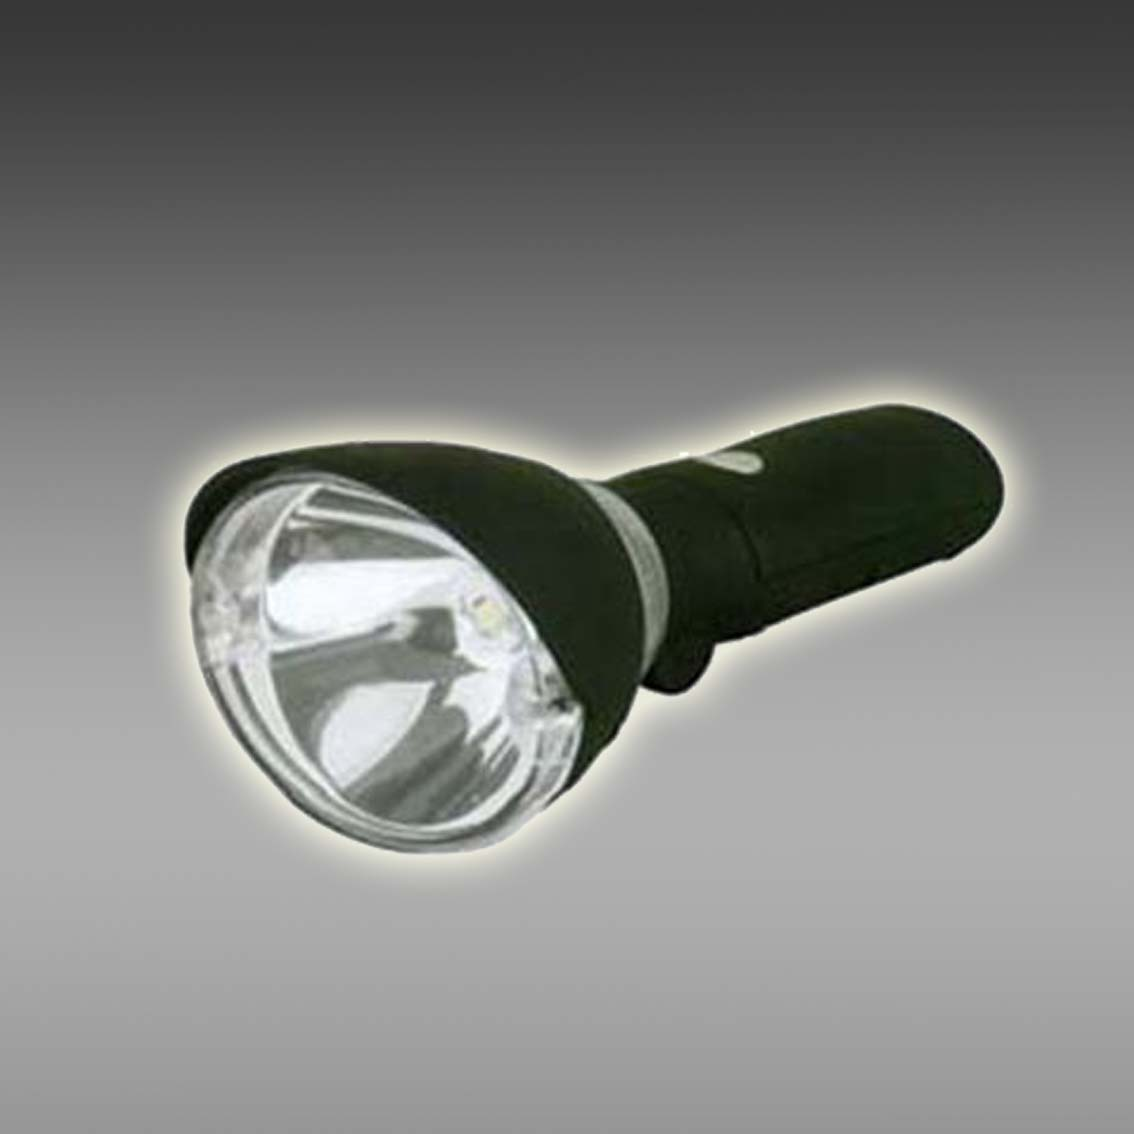 多功能强光防爆灯 YBW5700